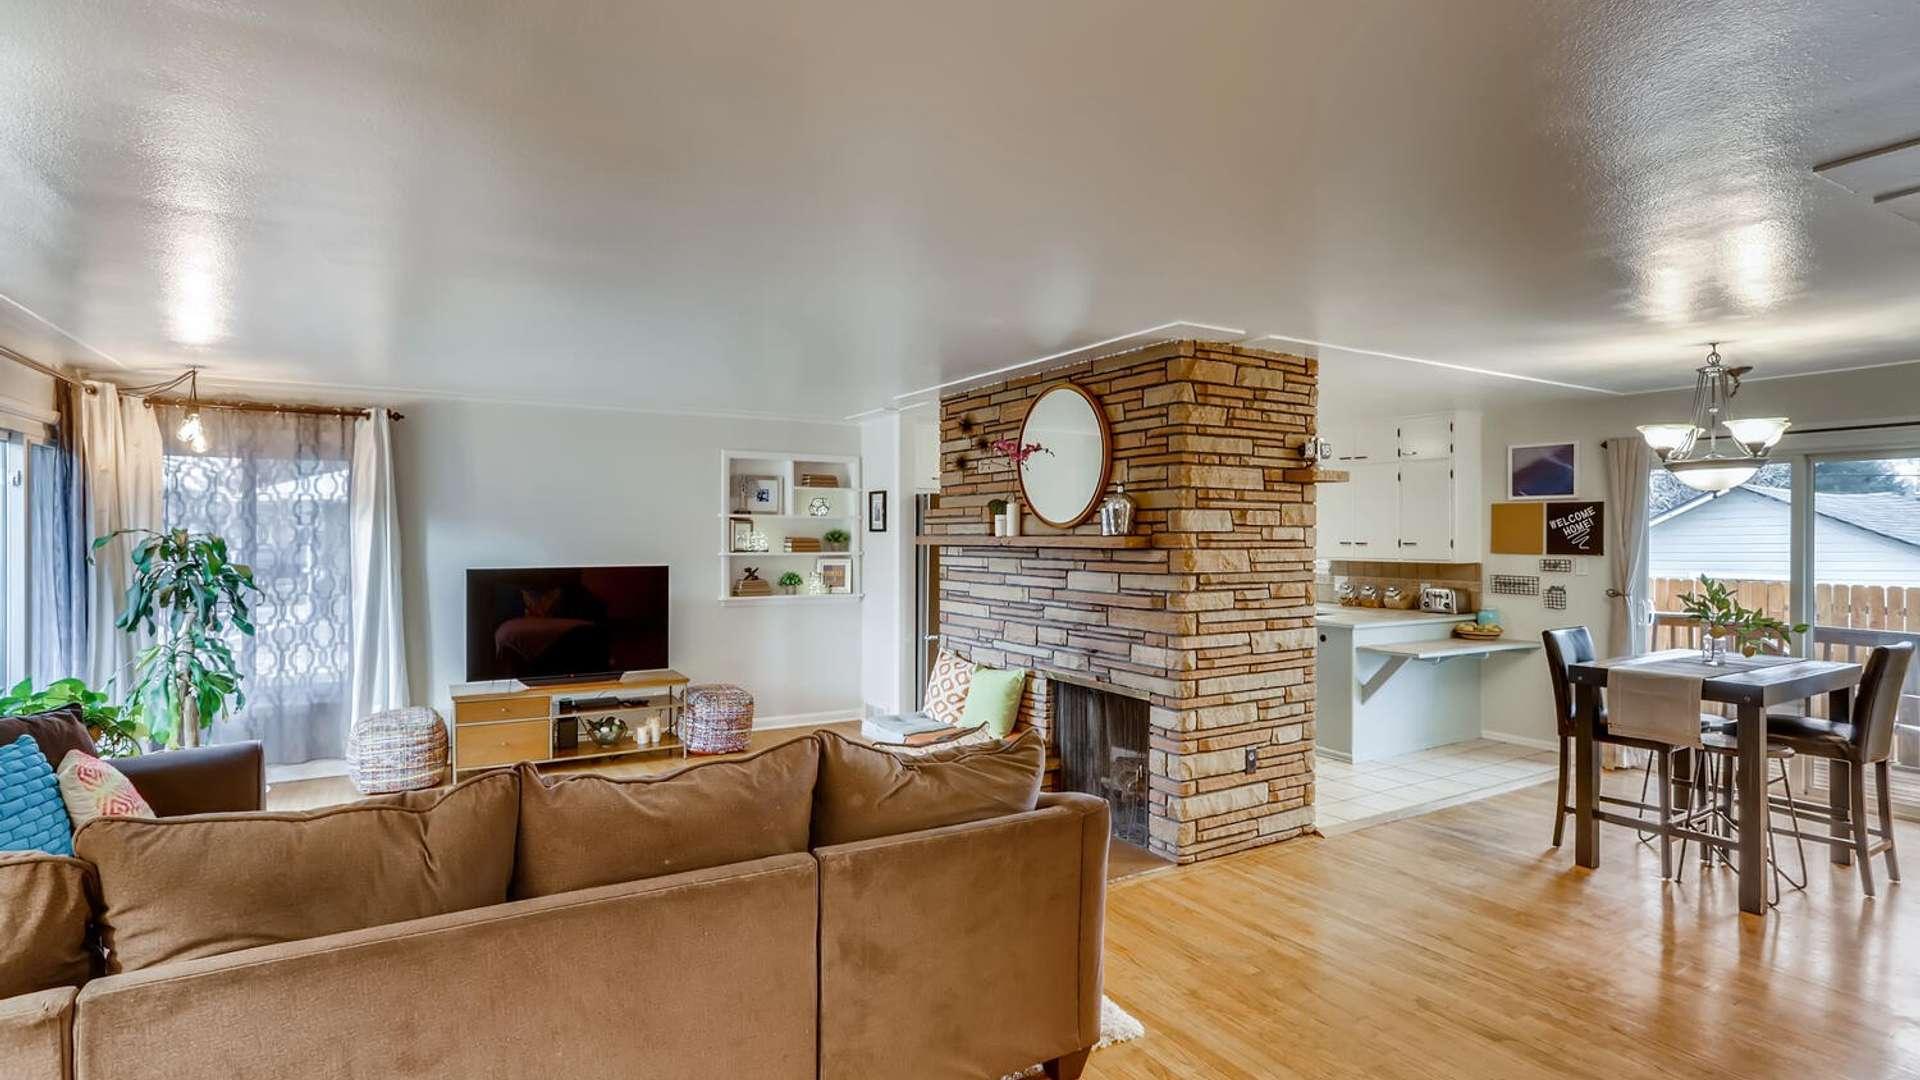 6 of 38. Beautiful stone fireplace